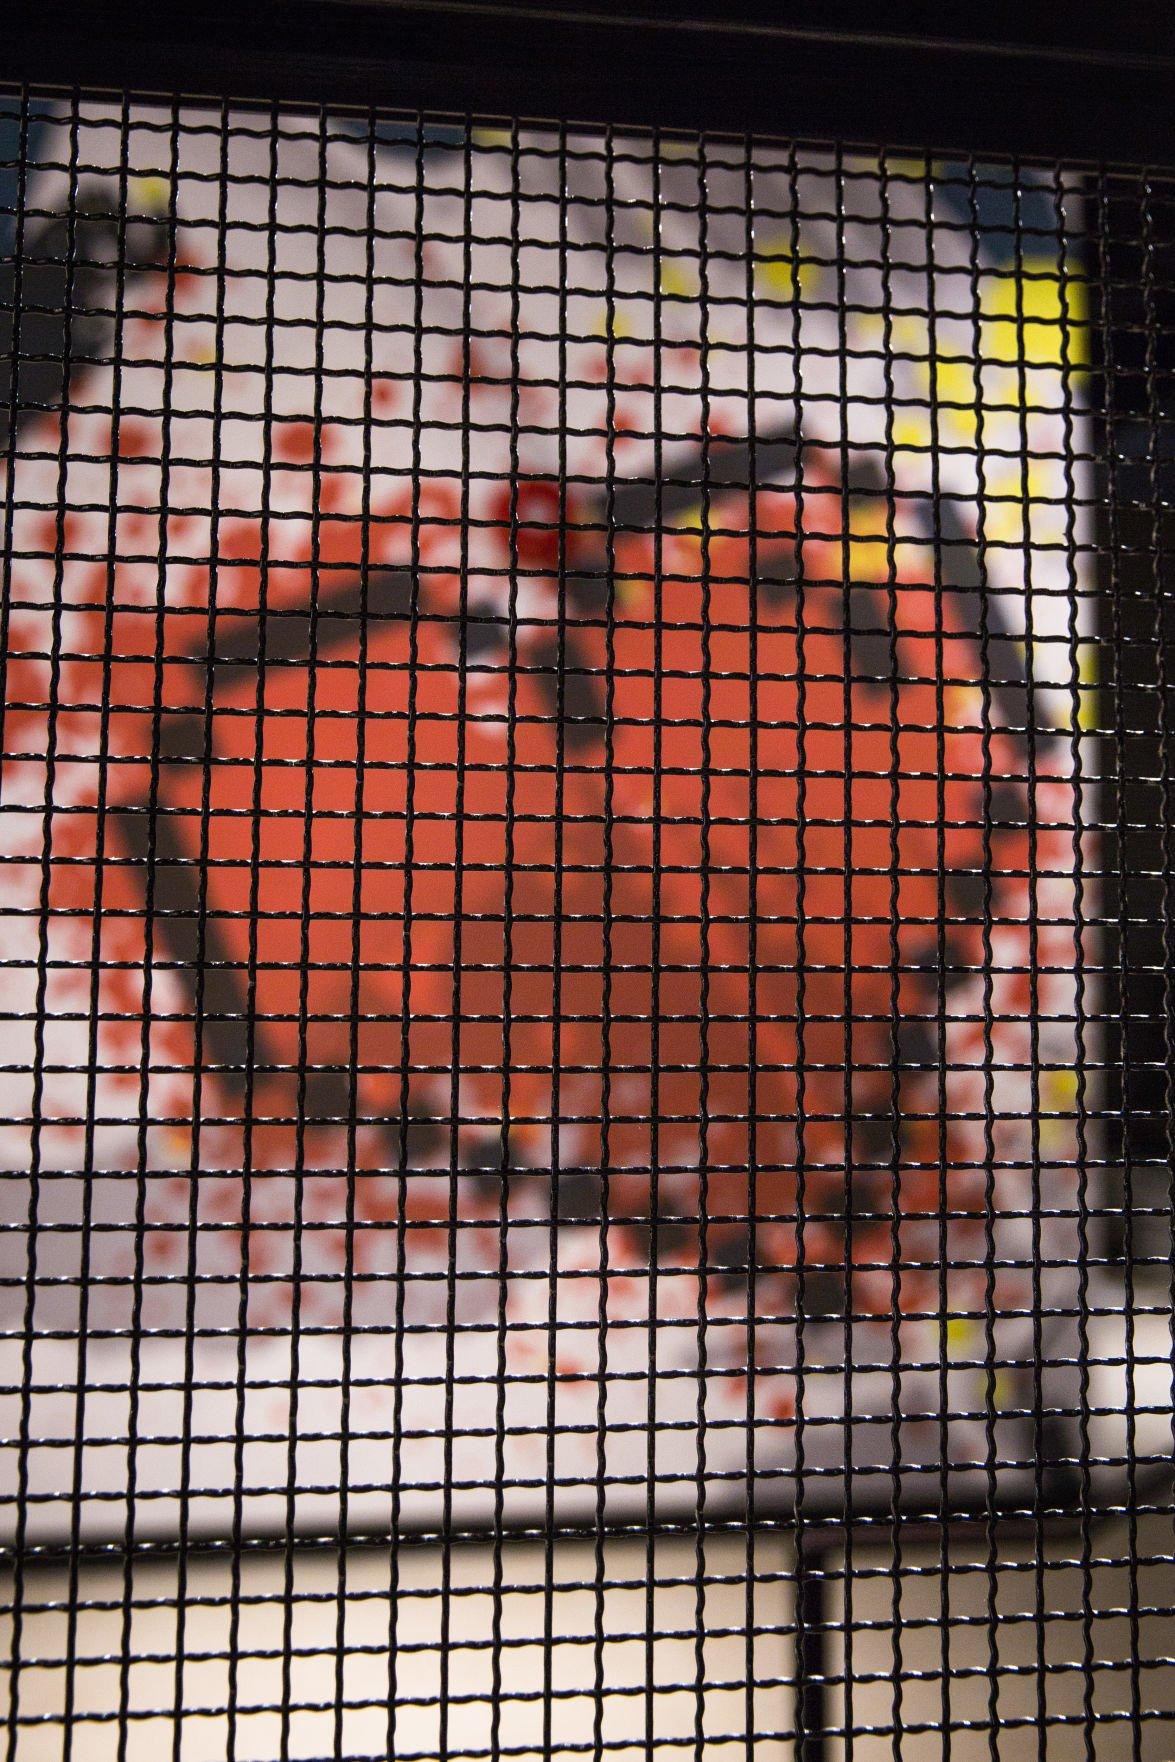 Rec Room (Photo 1, Heart)